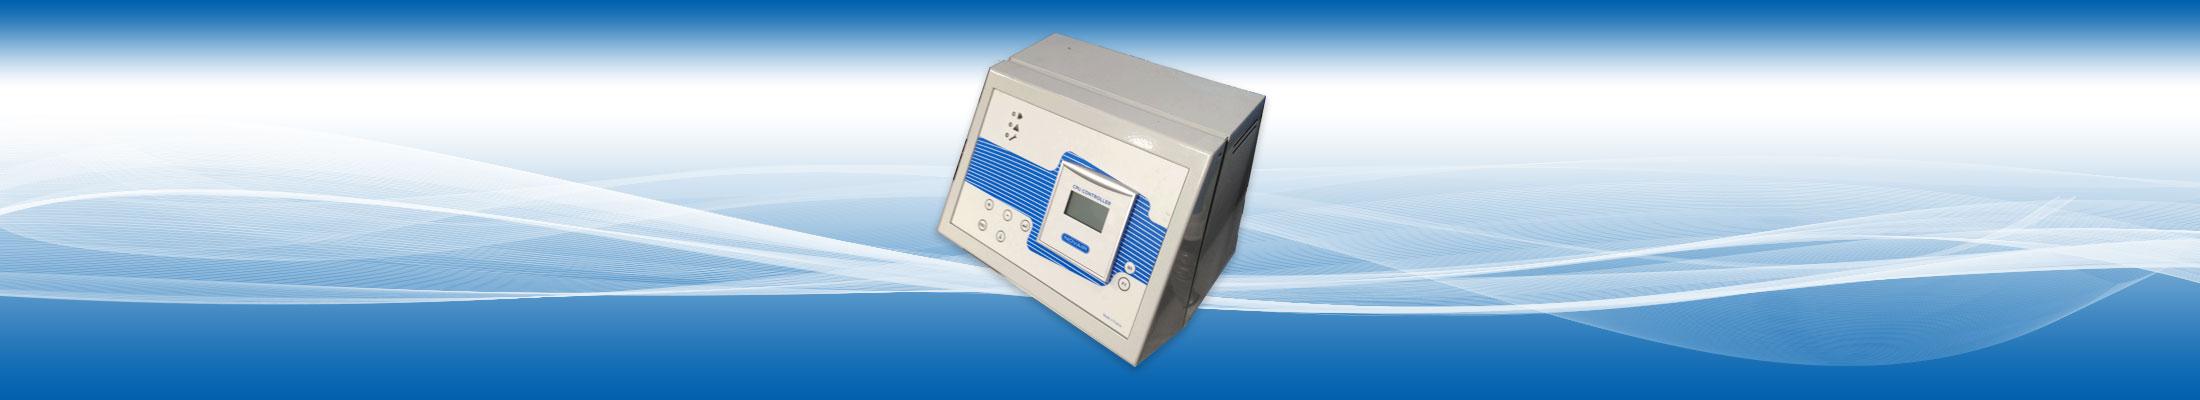 CPU controller medical air